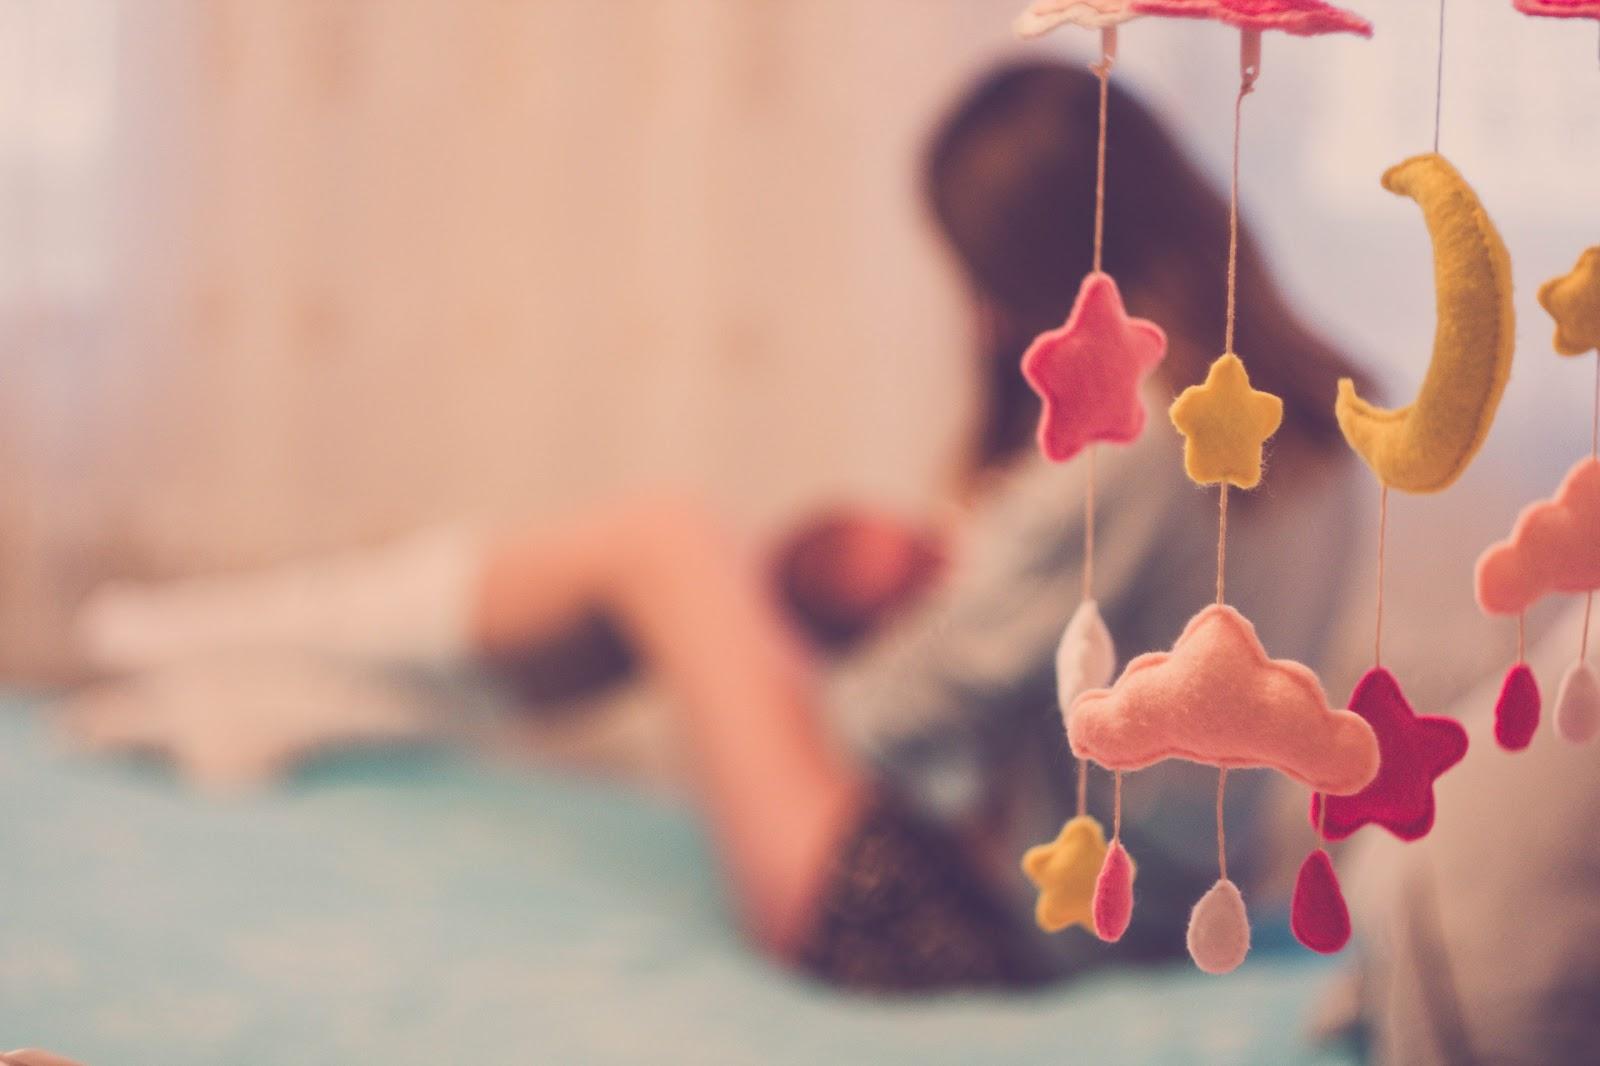 macierzyństwo, za co lubię macierzyństwo, karuzela nad łóżeczko, łóżeczko, zabawka, niemowlę, niemowlak